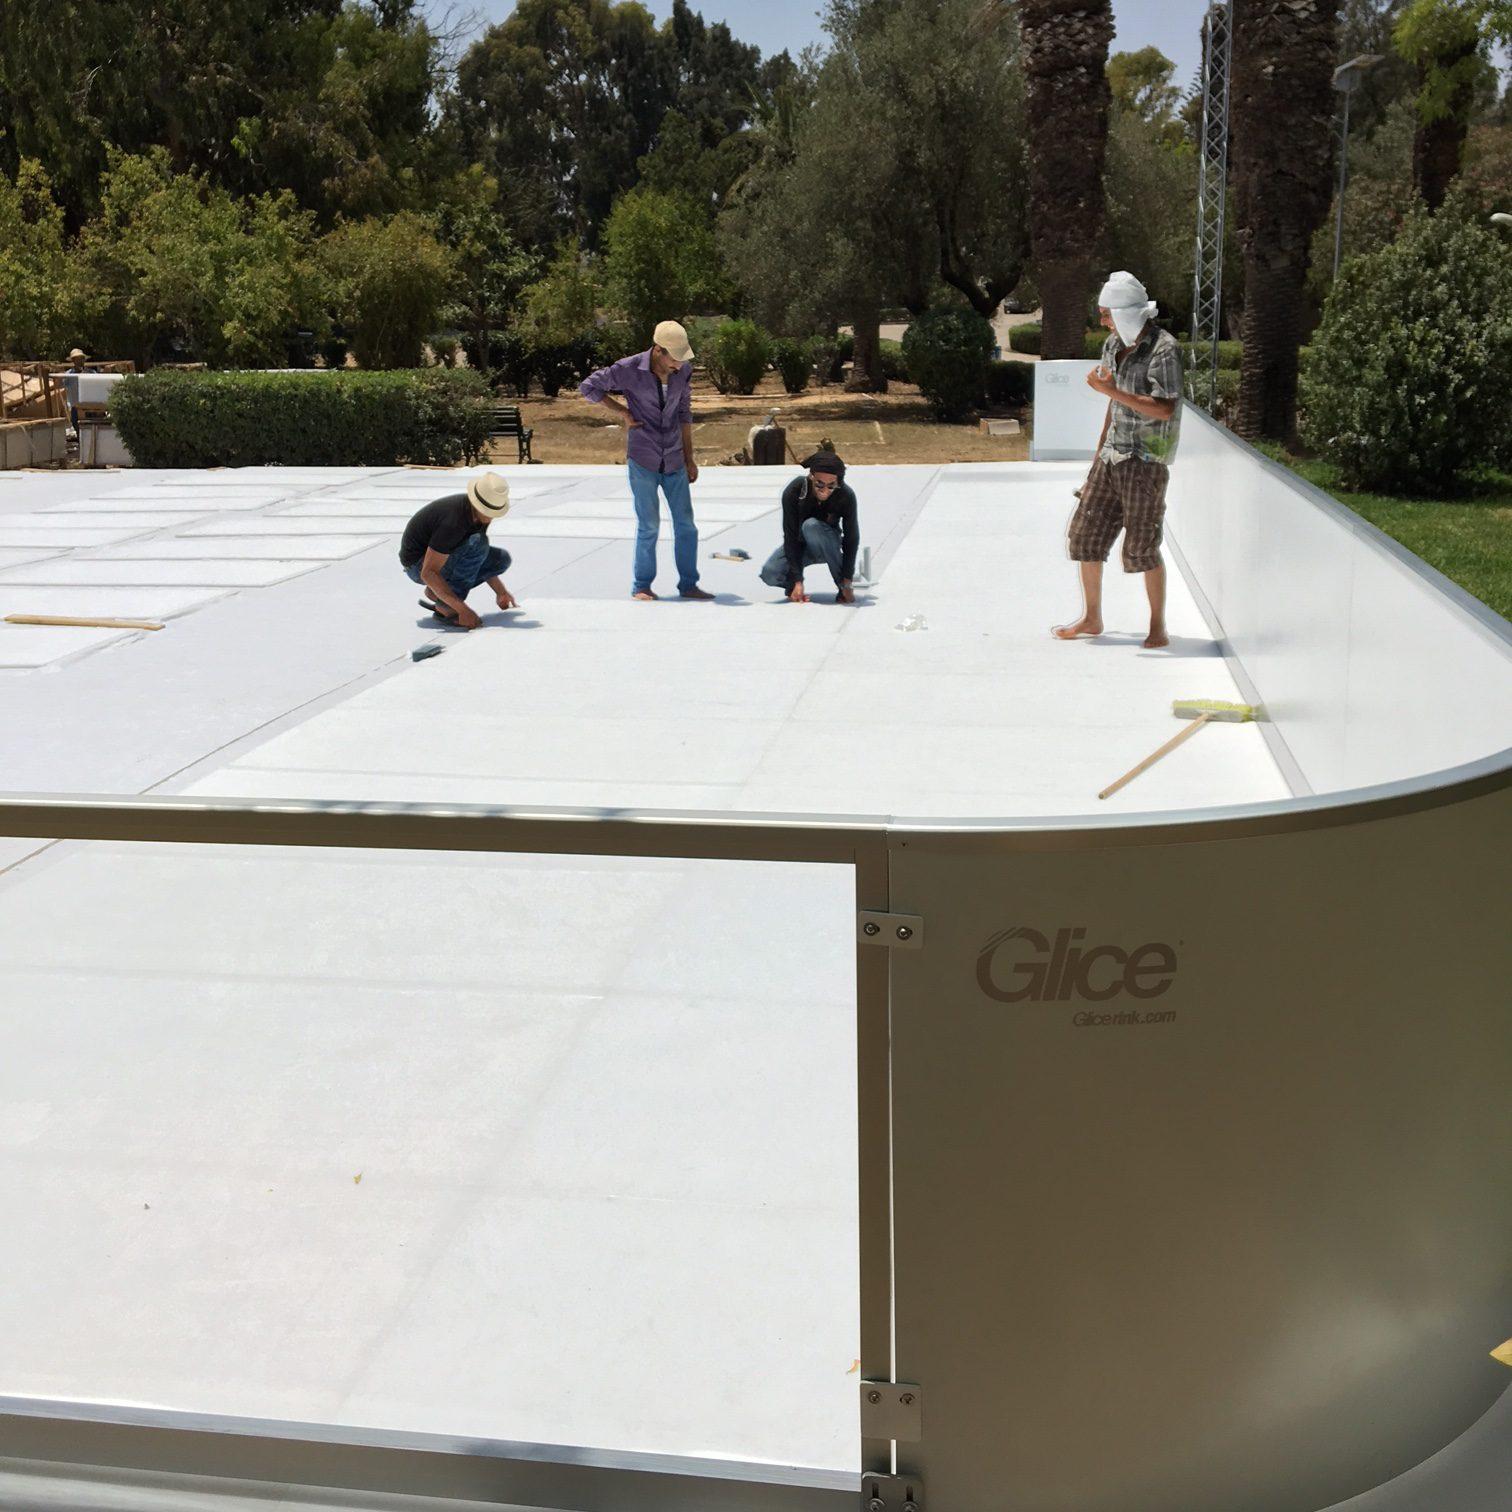 Glice® synthetische Eisbahn in Tunesien!